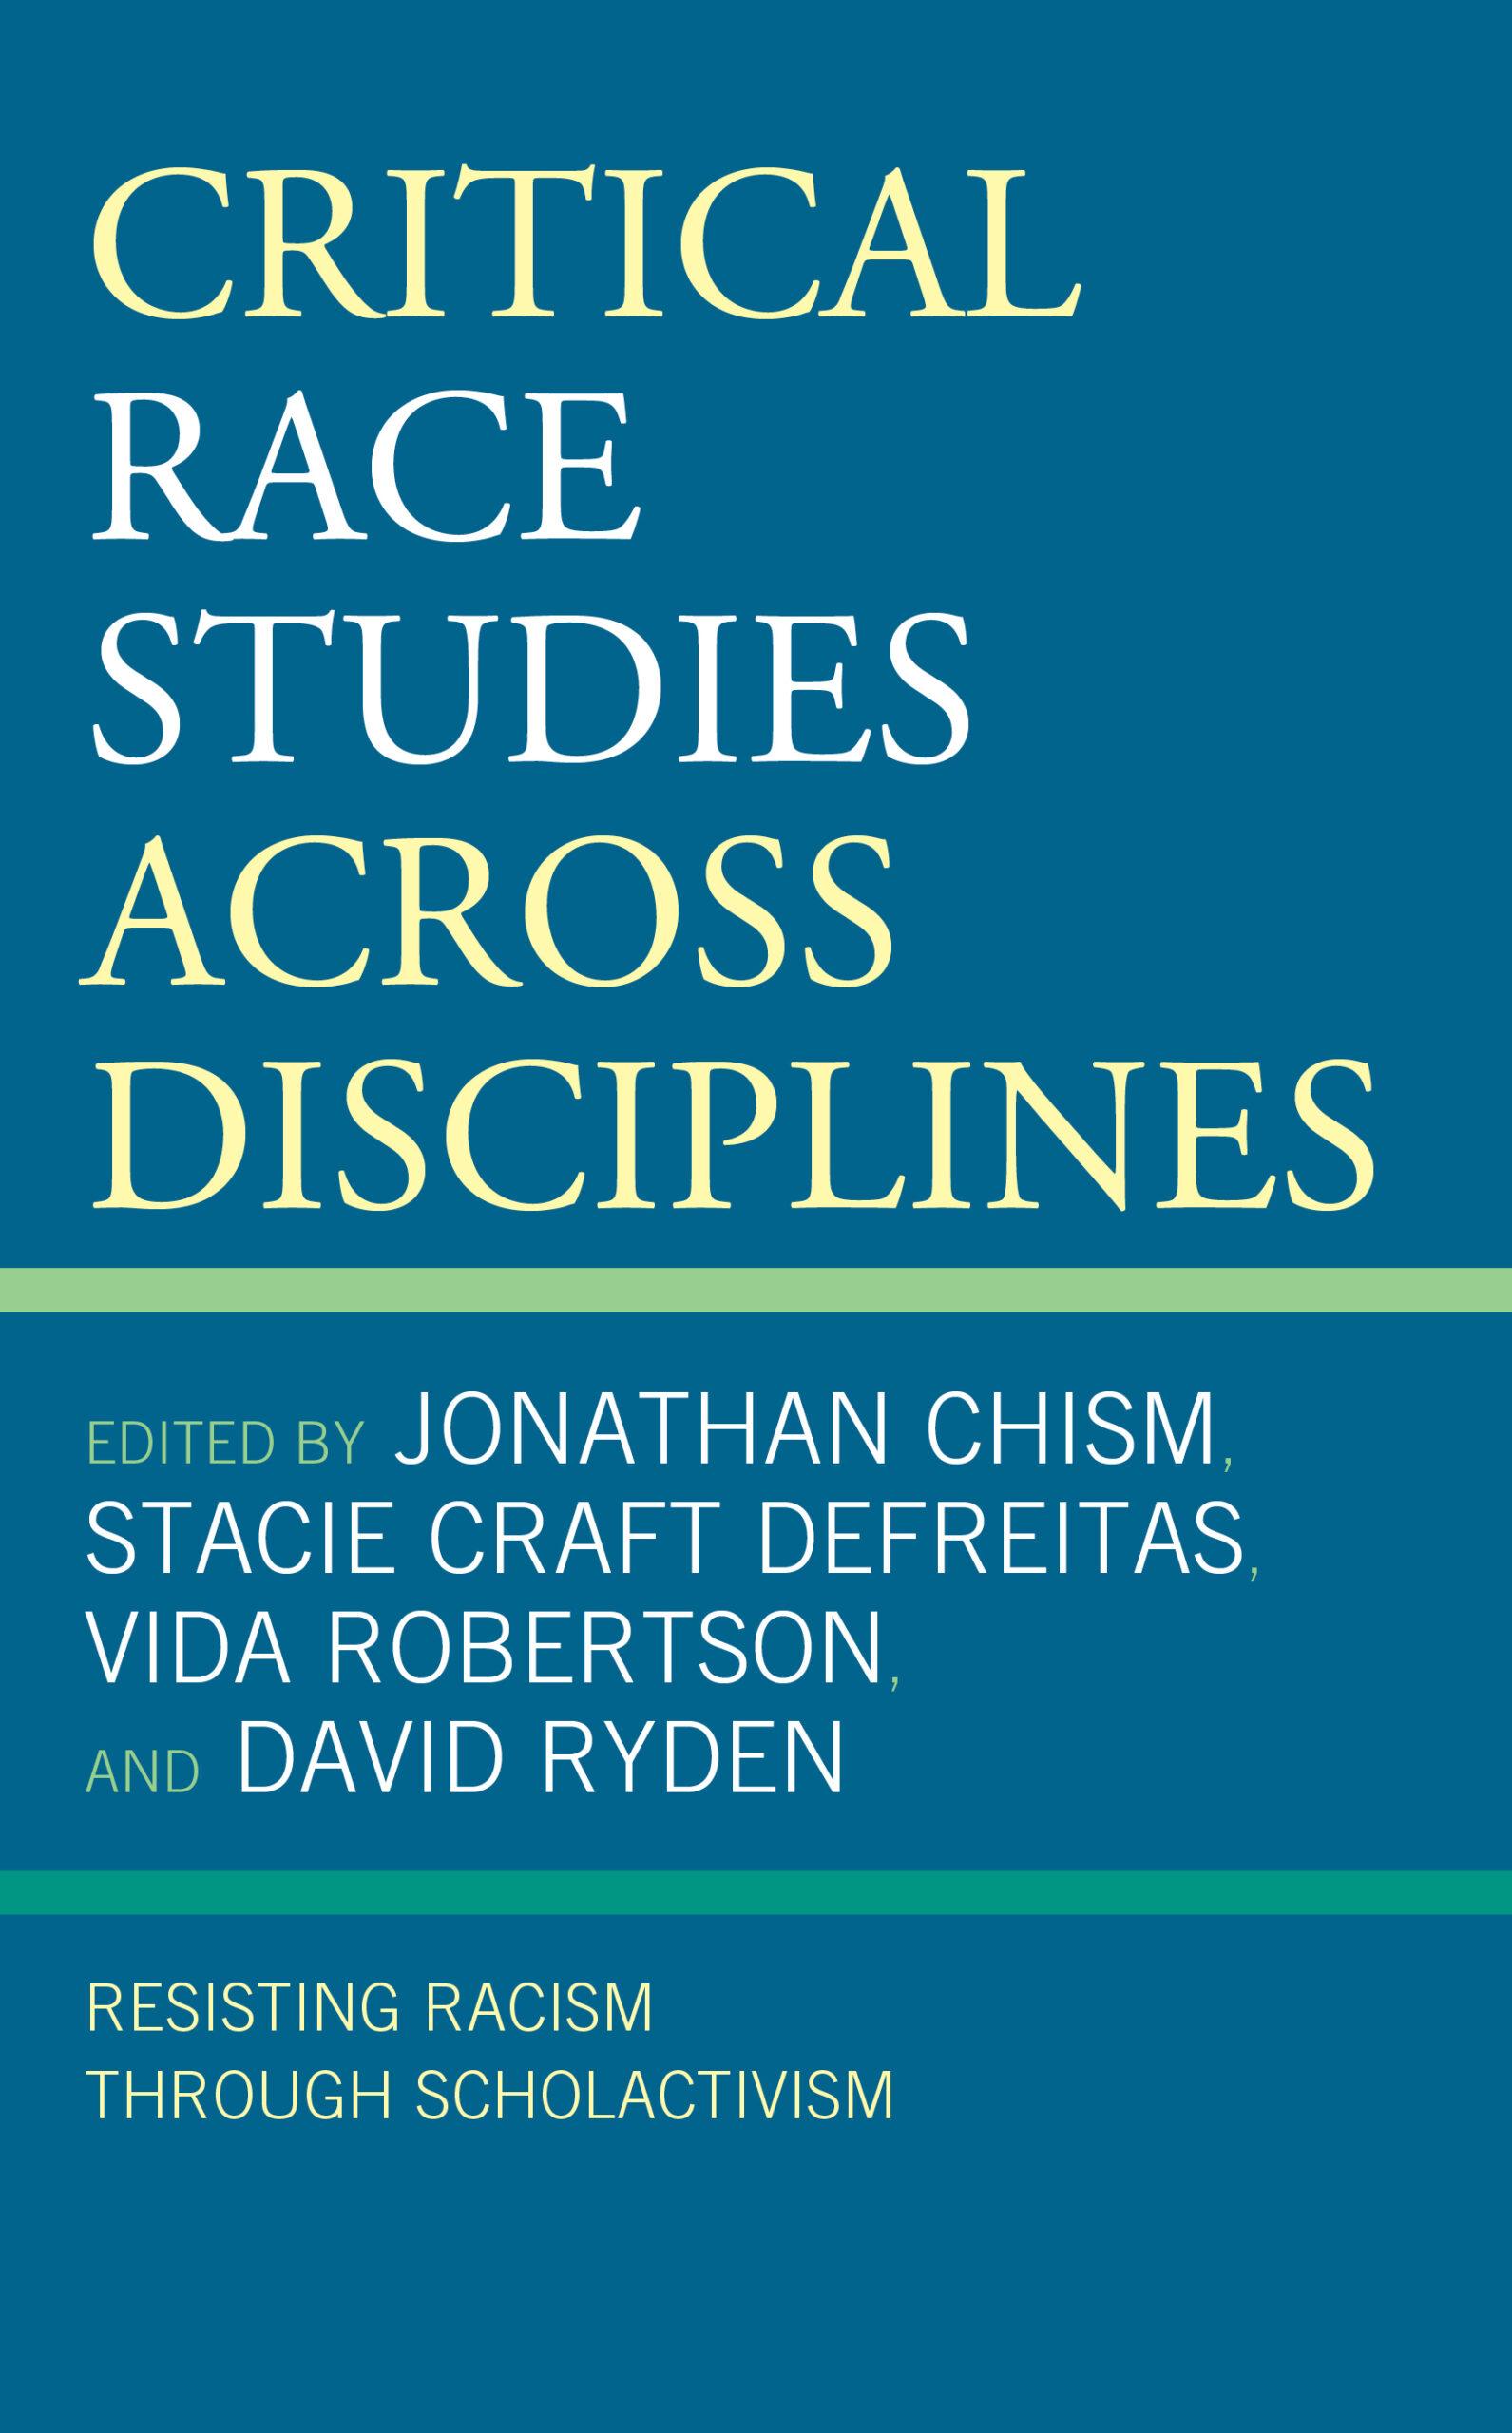 Critical Race Studies Across Disciplines Cover